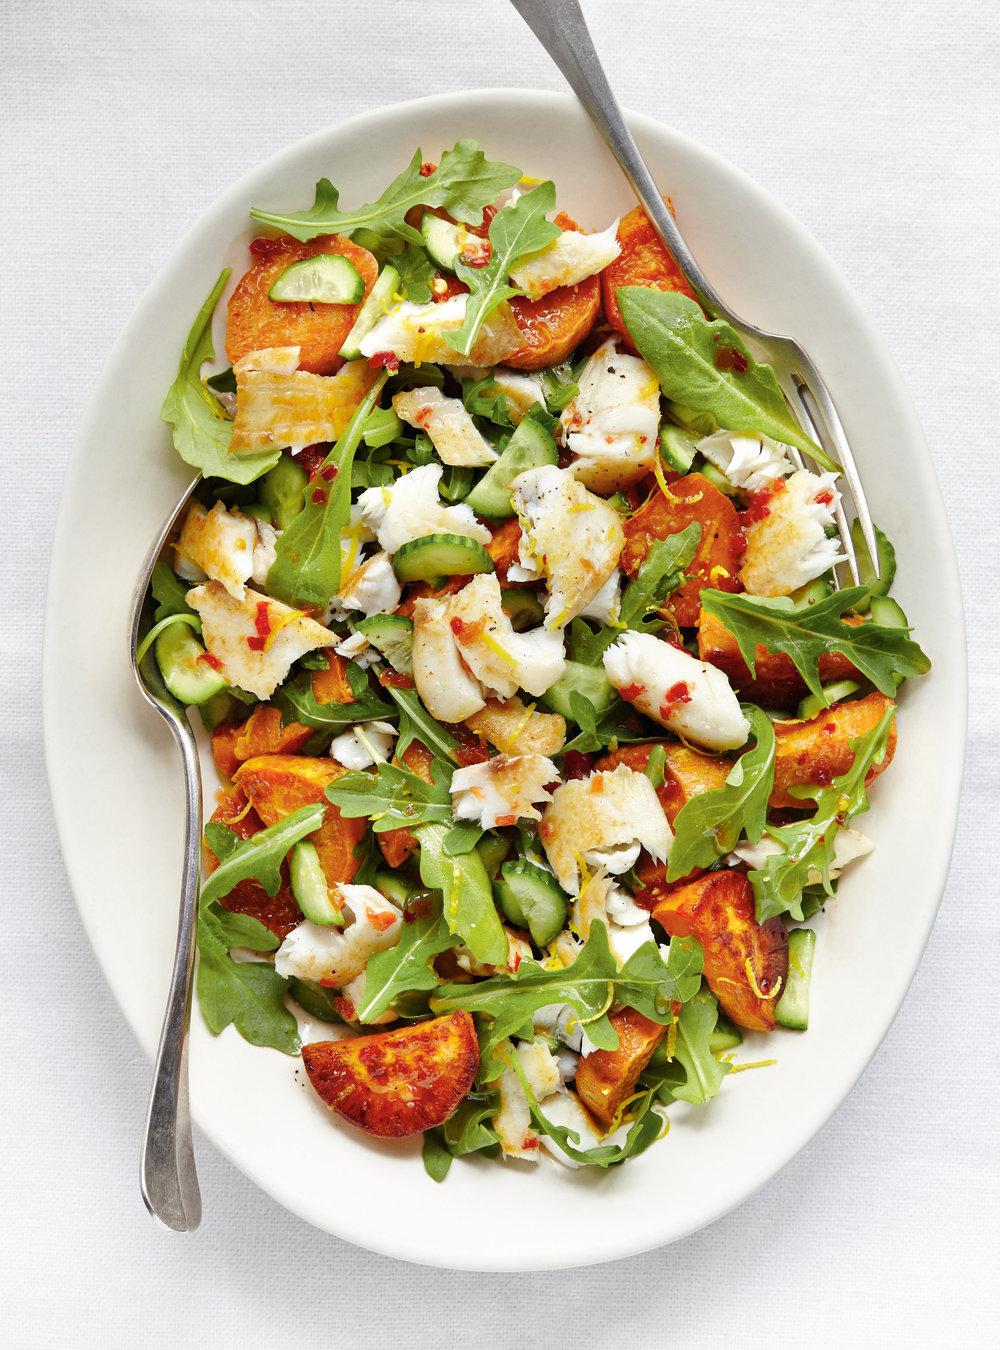 Salade de poisson et de patate douce au basilic | ricardo